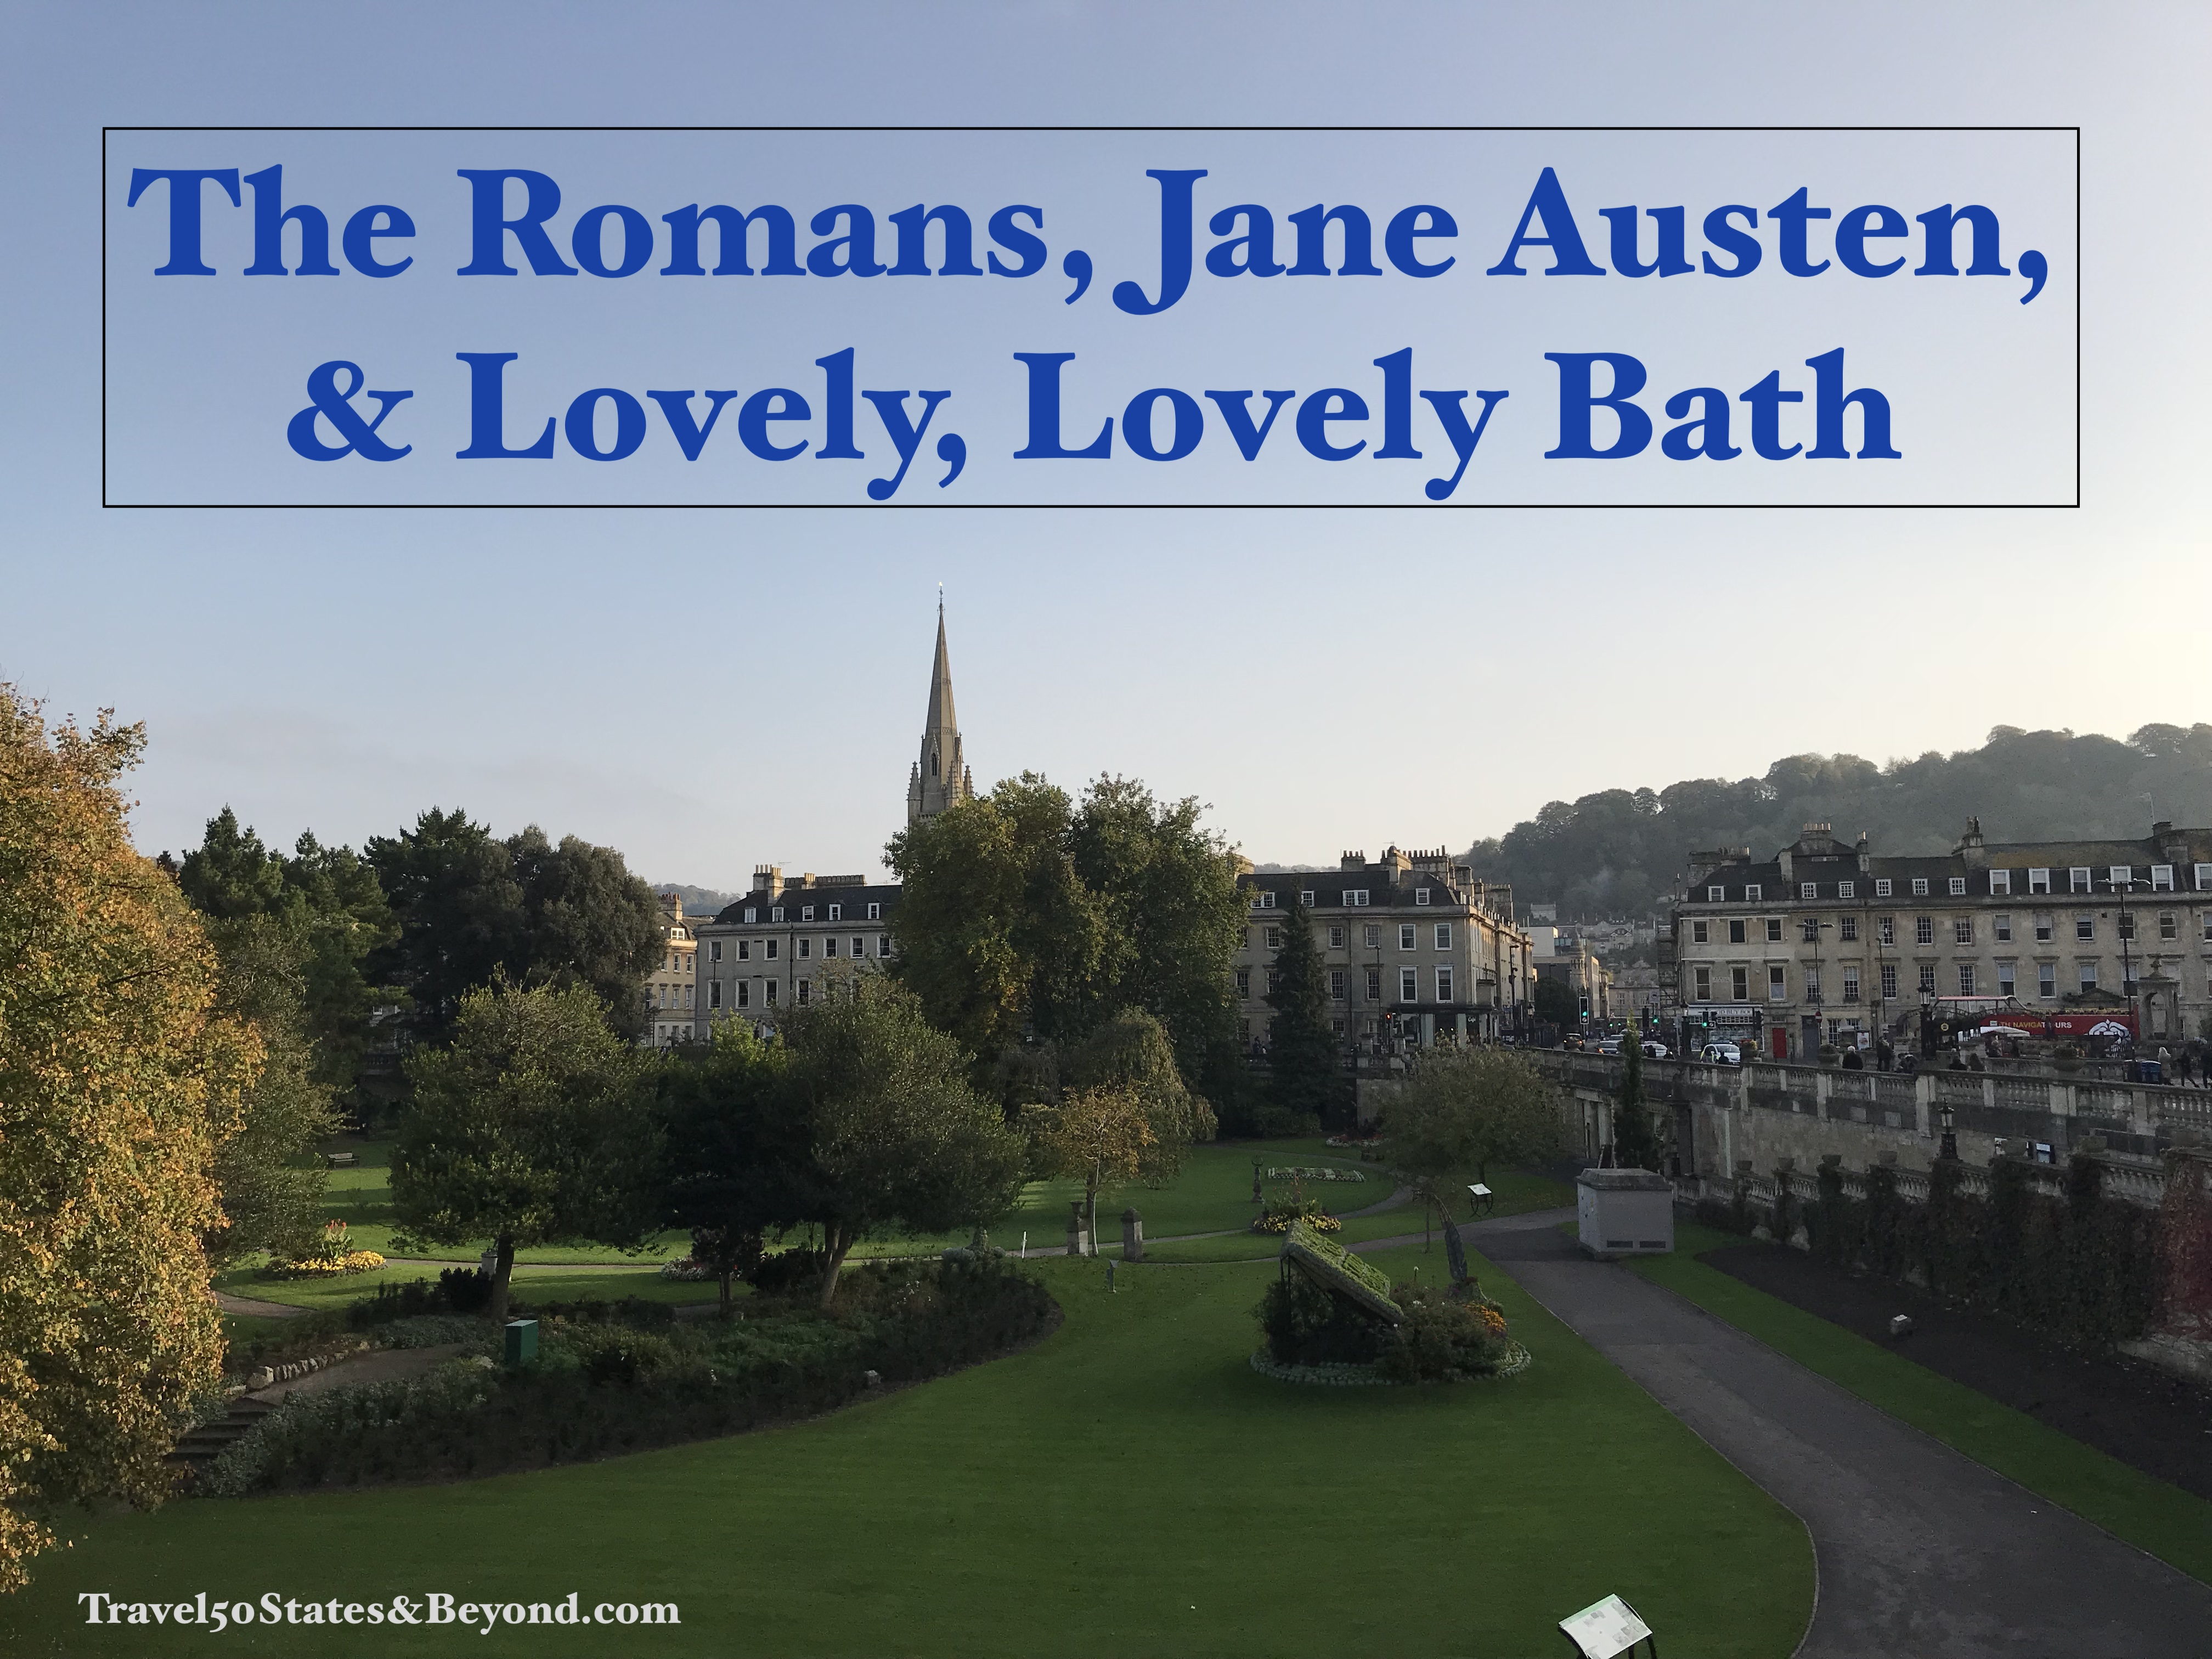 The Romans, Jane Austen, & Lovely, Lovely Bath